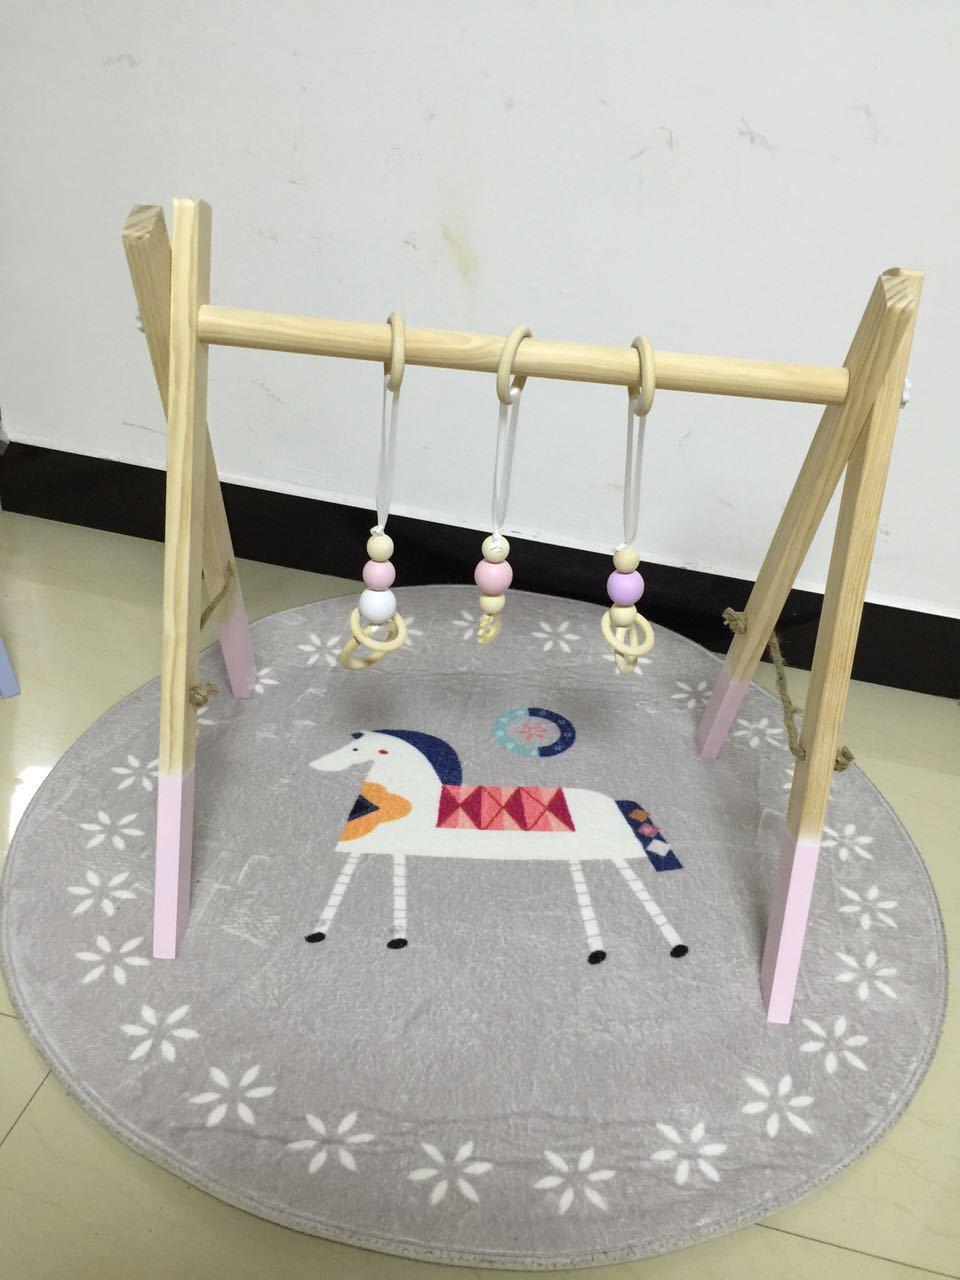 LM28 деревянные детские игрушки Детская кроватка колокольчик с держателем детская кровать подвесные погремушки игрушки подарок для новорож... - 5